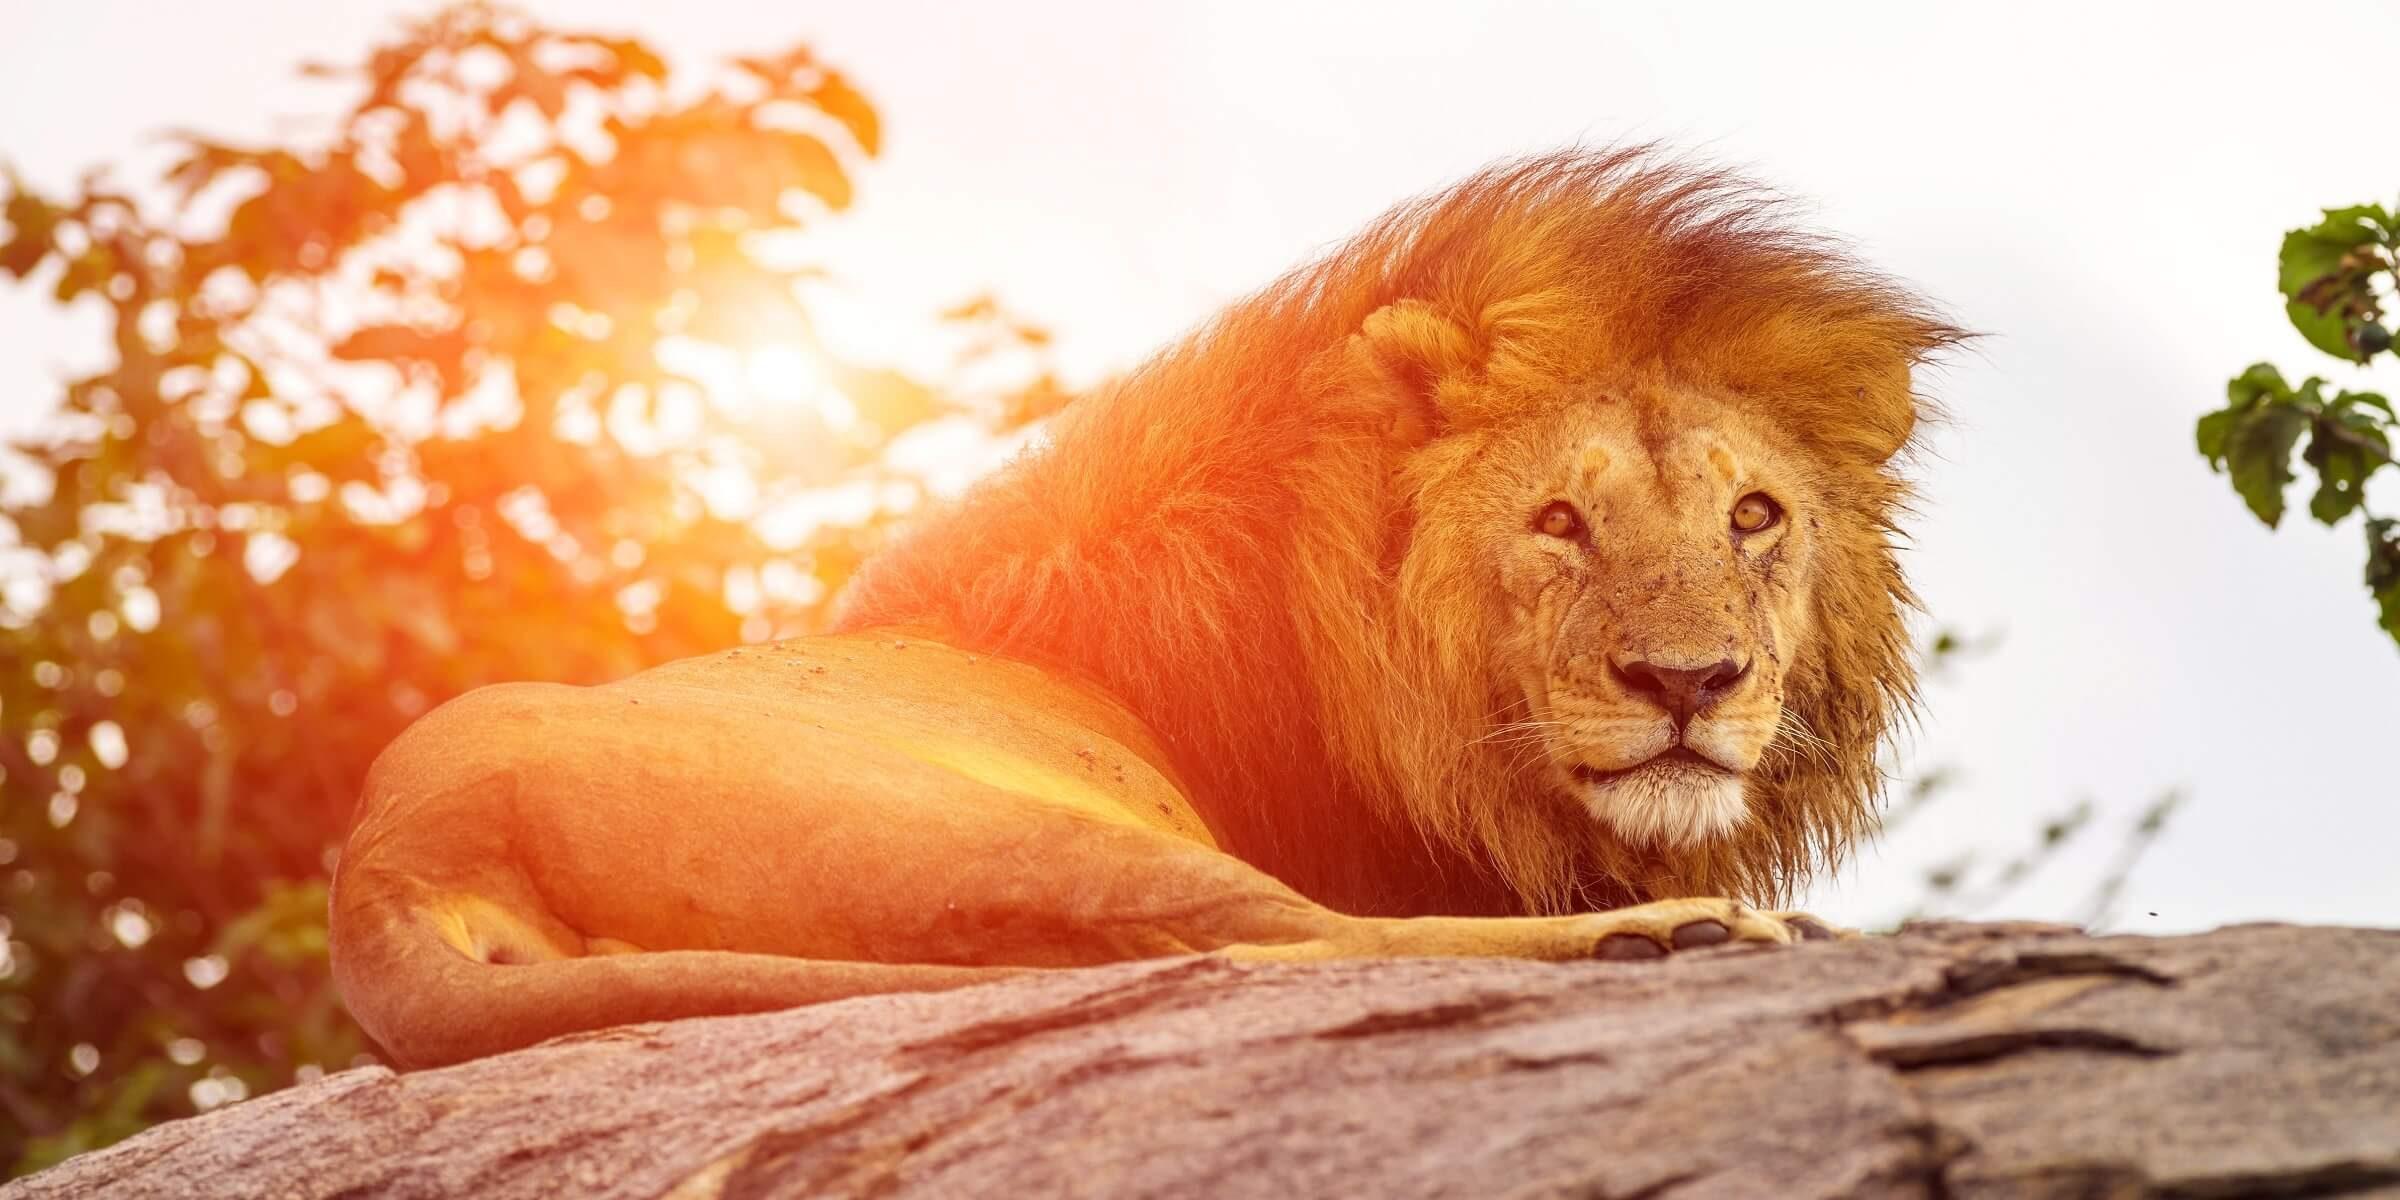 Südafrika ist dafür bekannt, viele Löwen in freier Wildbahn sehen zu können